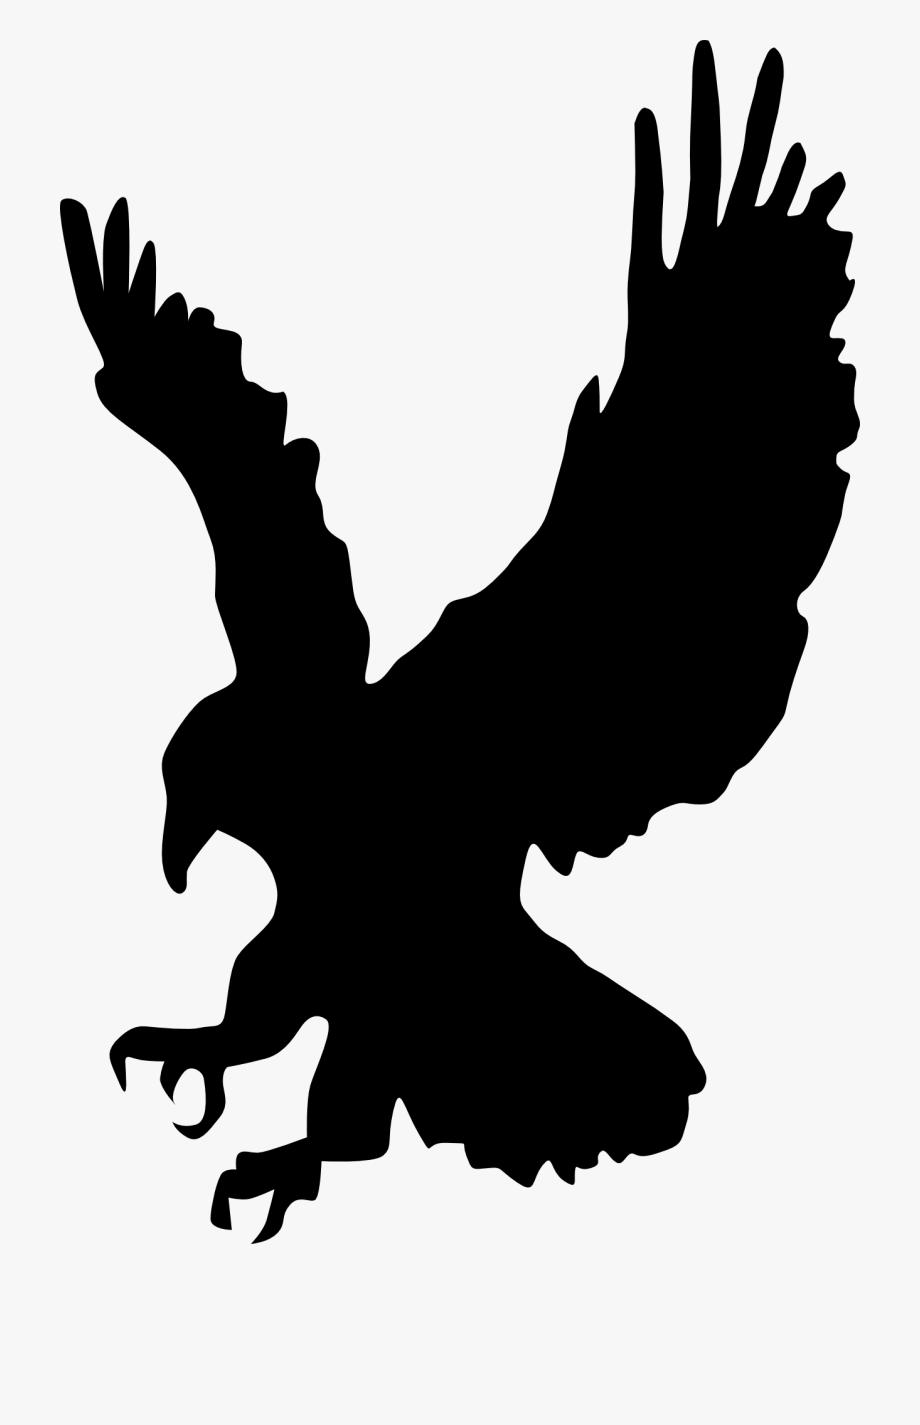 Hawk Eagle Bird Pray Landing Png Image.